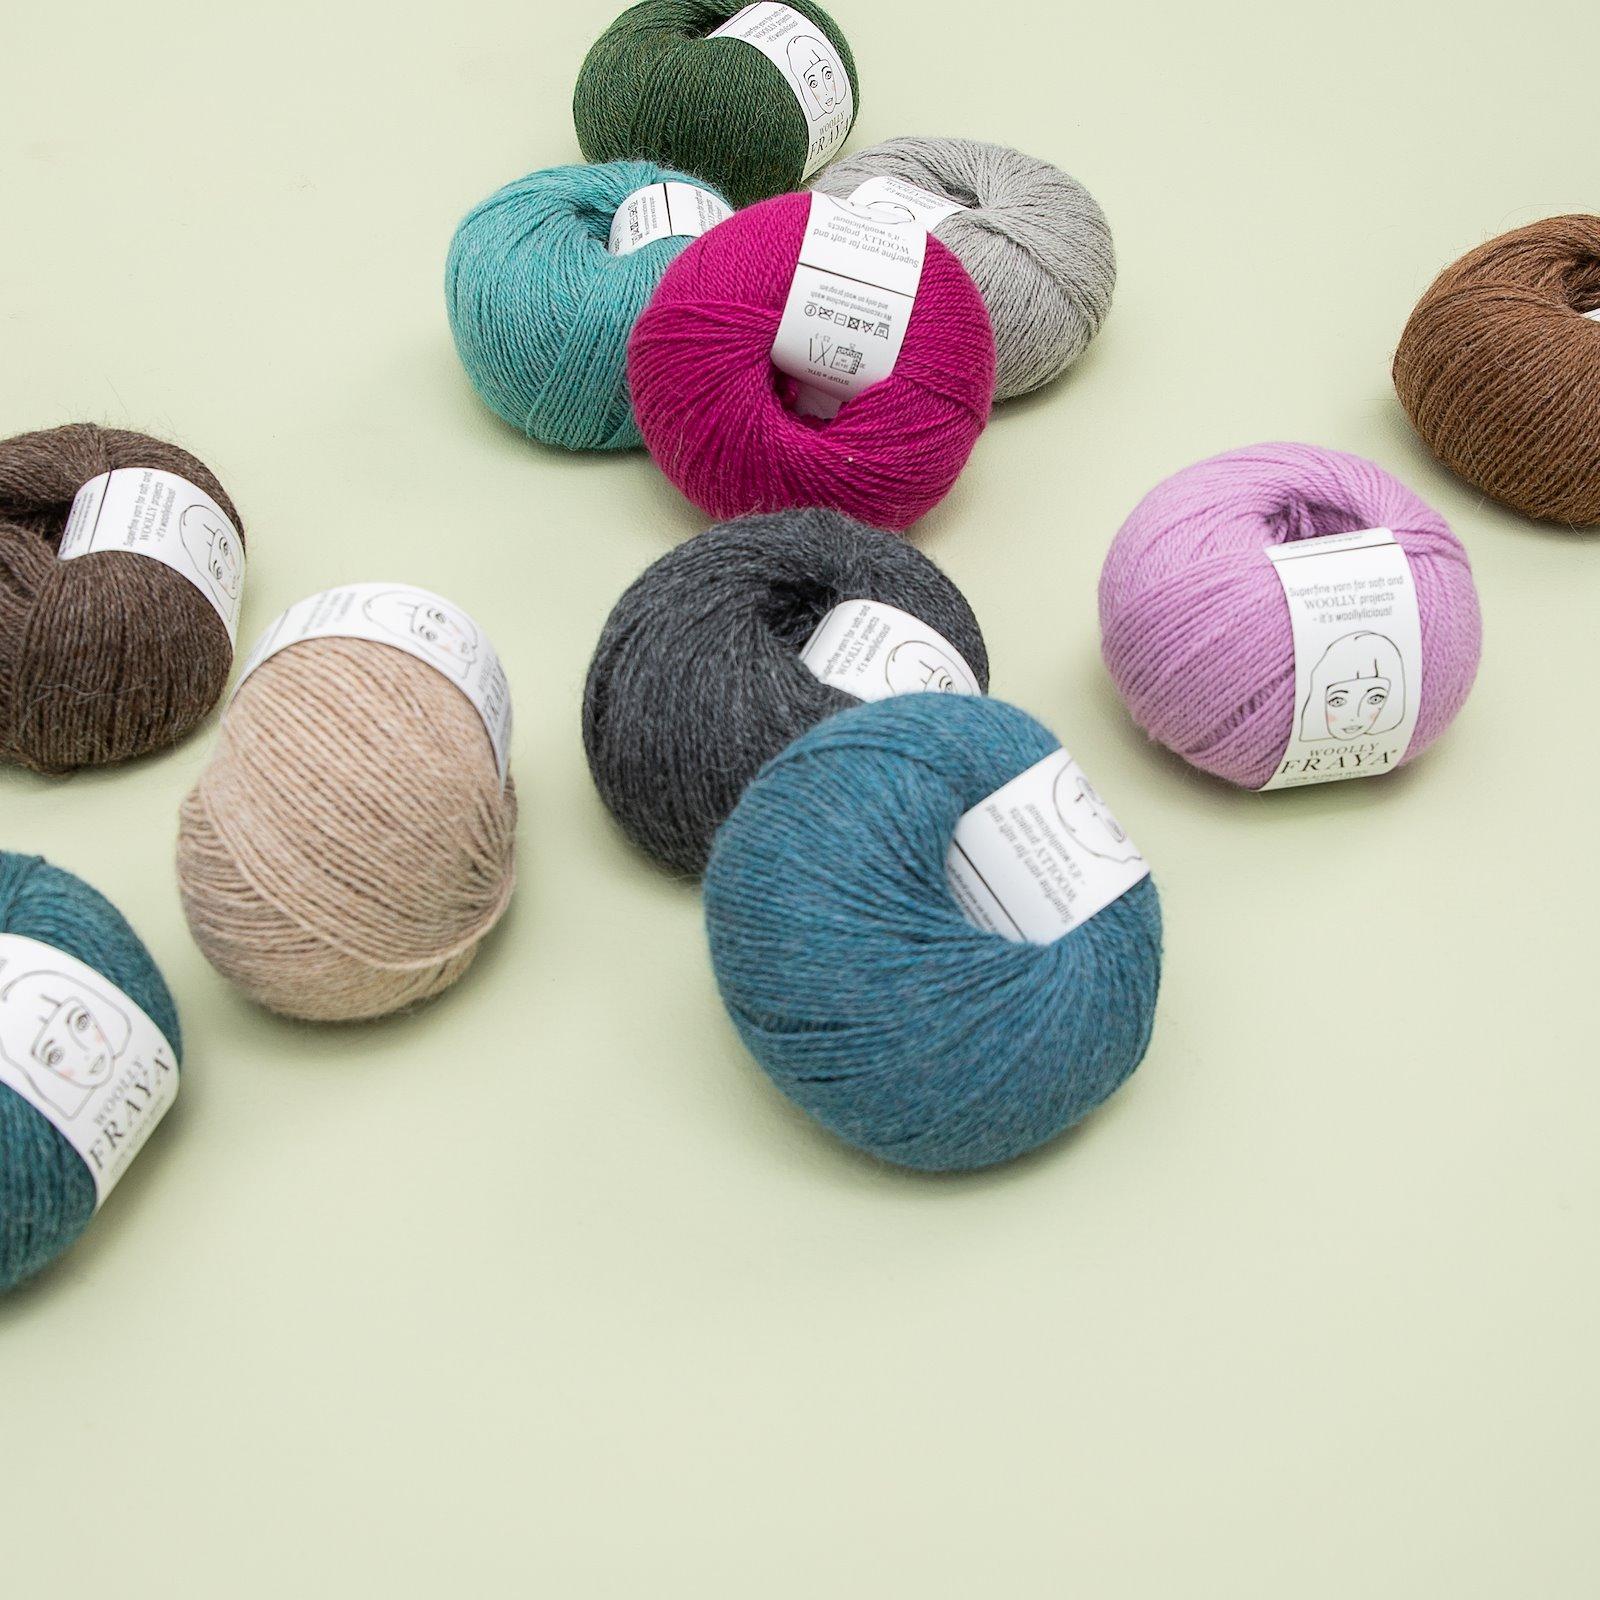 Woolly 50g fuchsia 90000062_90000064_90000066_90000068_90000069_90000070_bundle